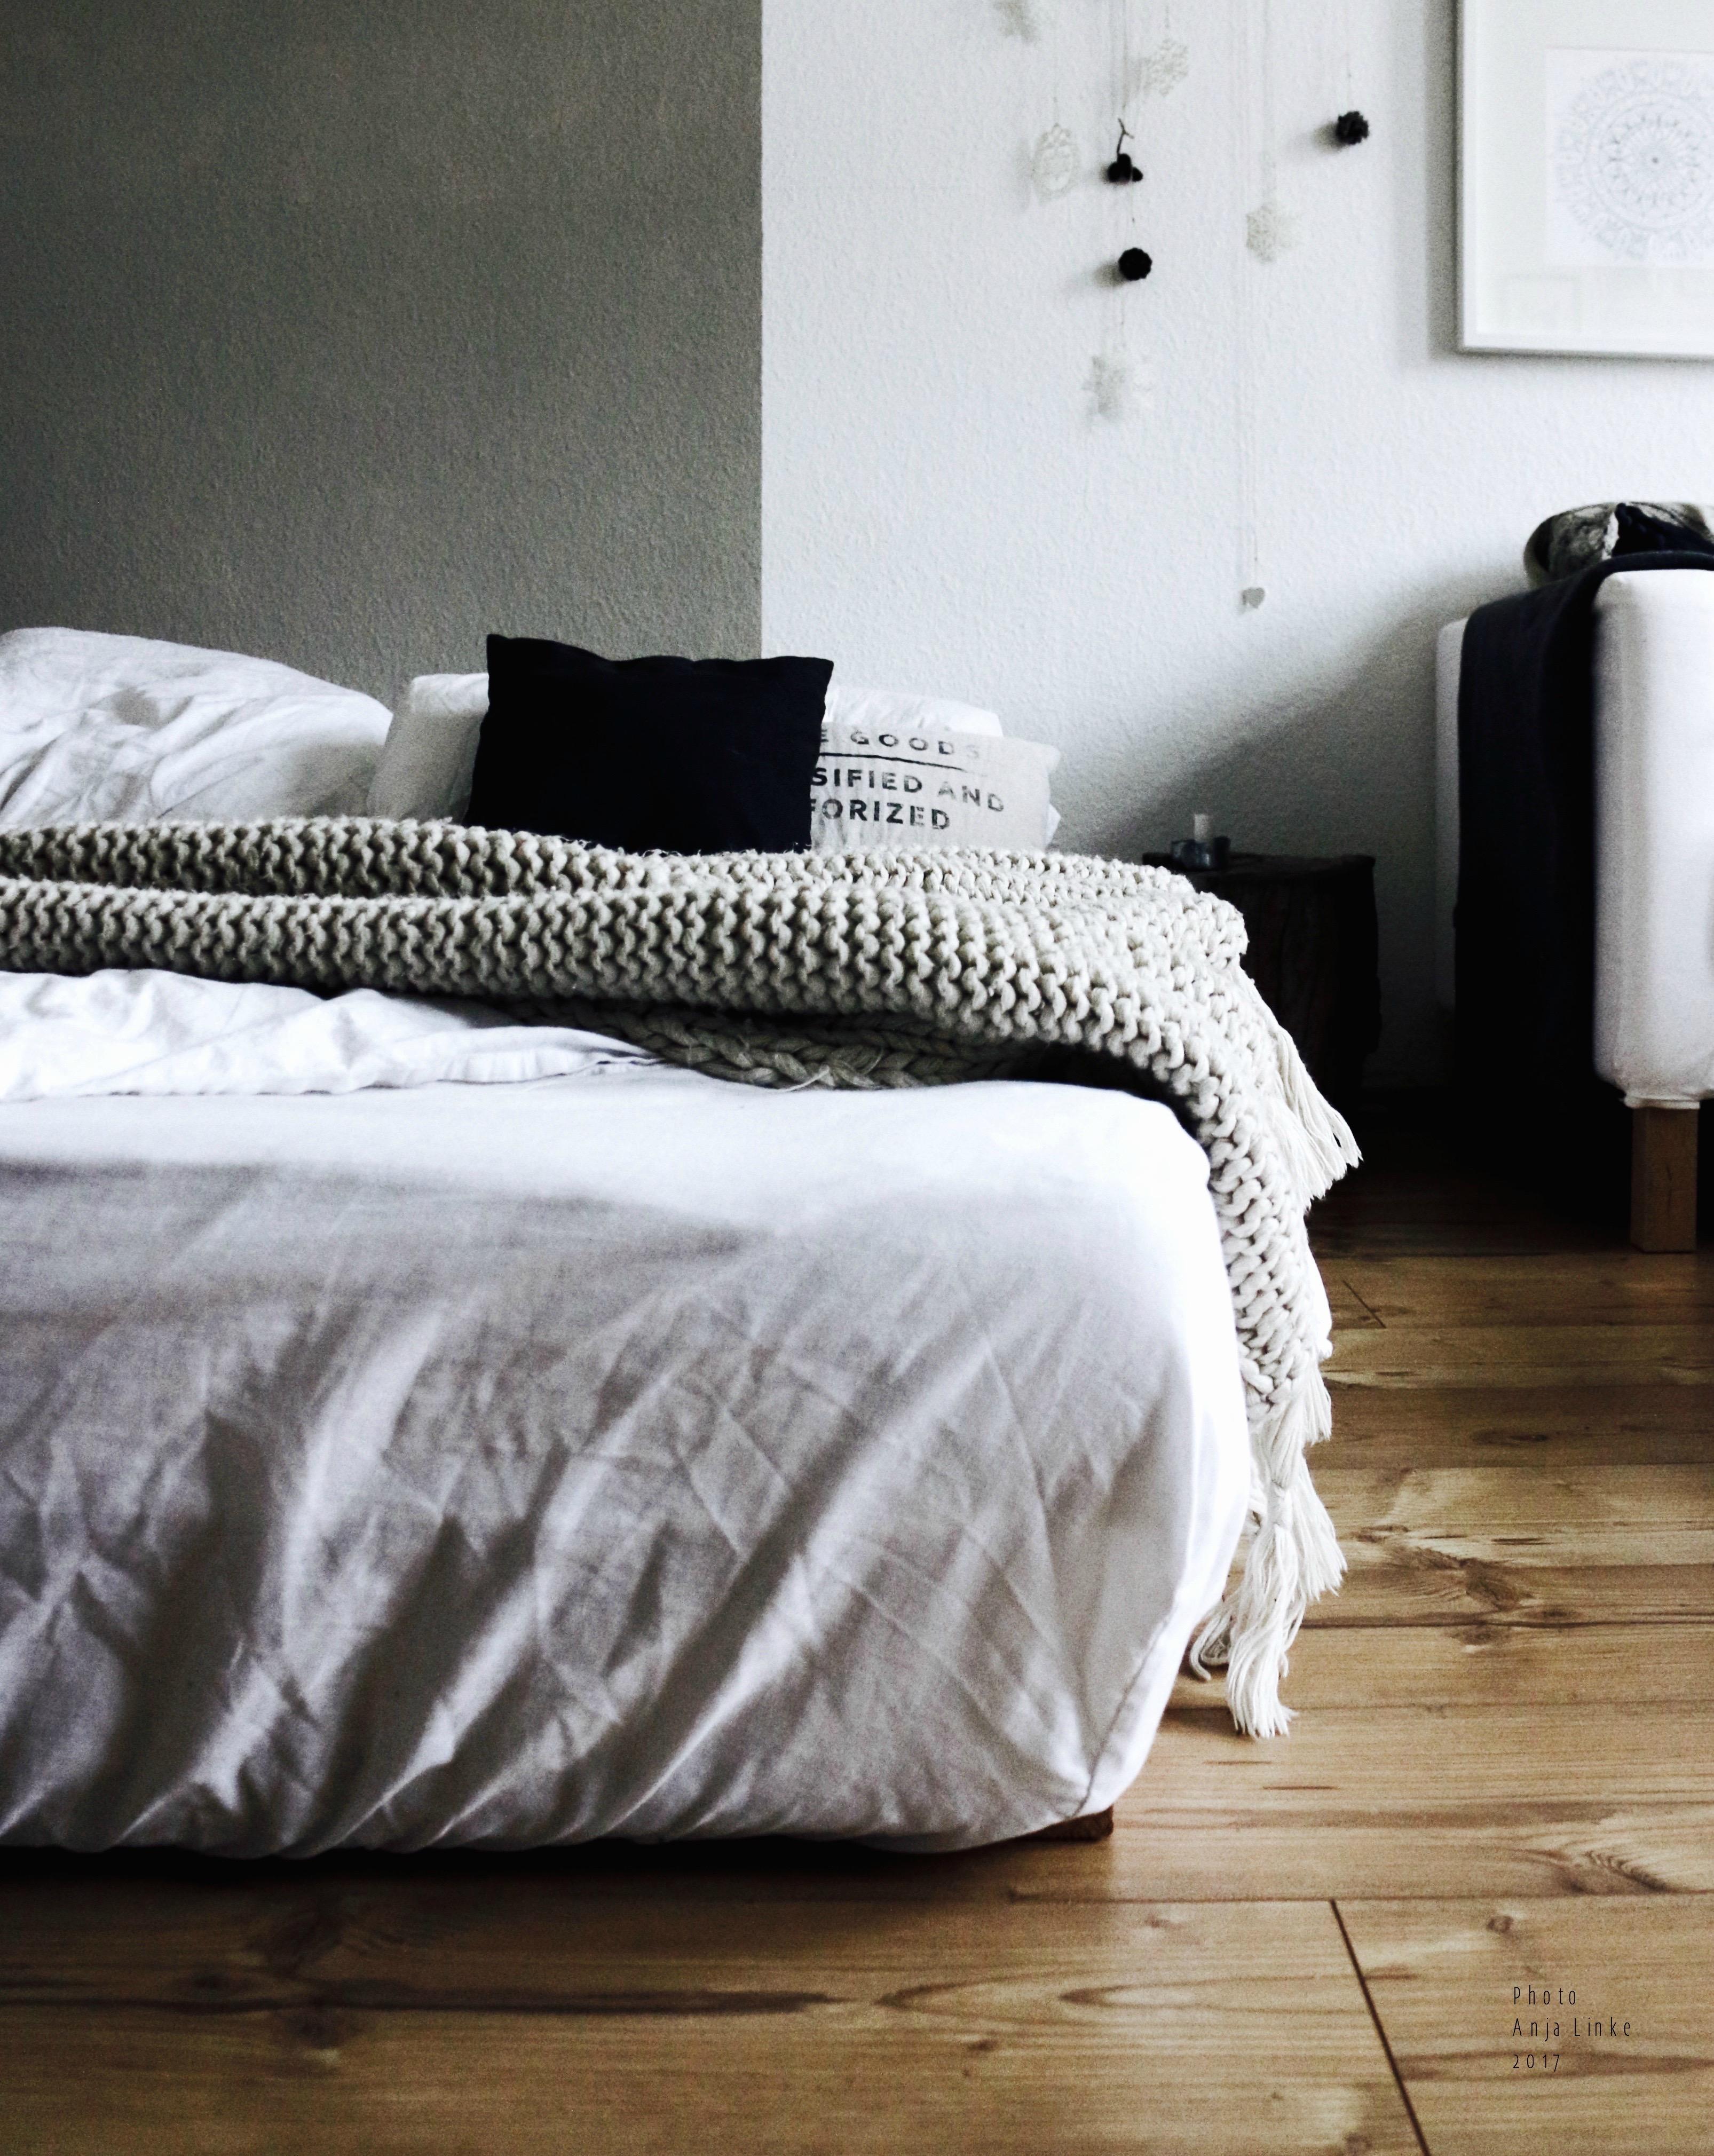 matratze bilder ideen couchstyle. Black Bedroom Furniture Sets. Home Design Ideas